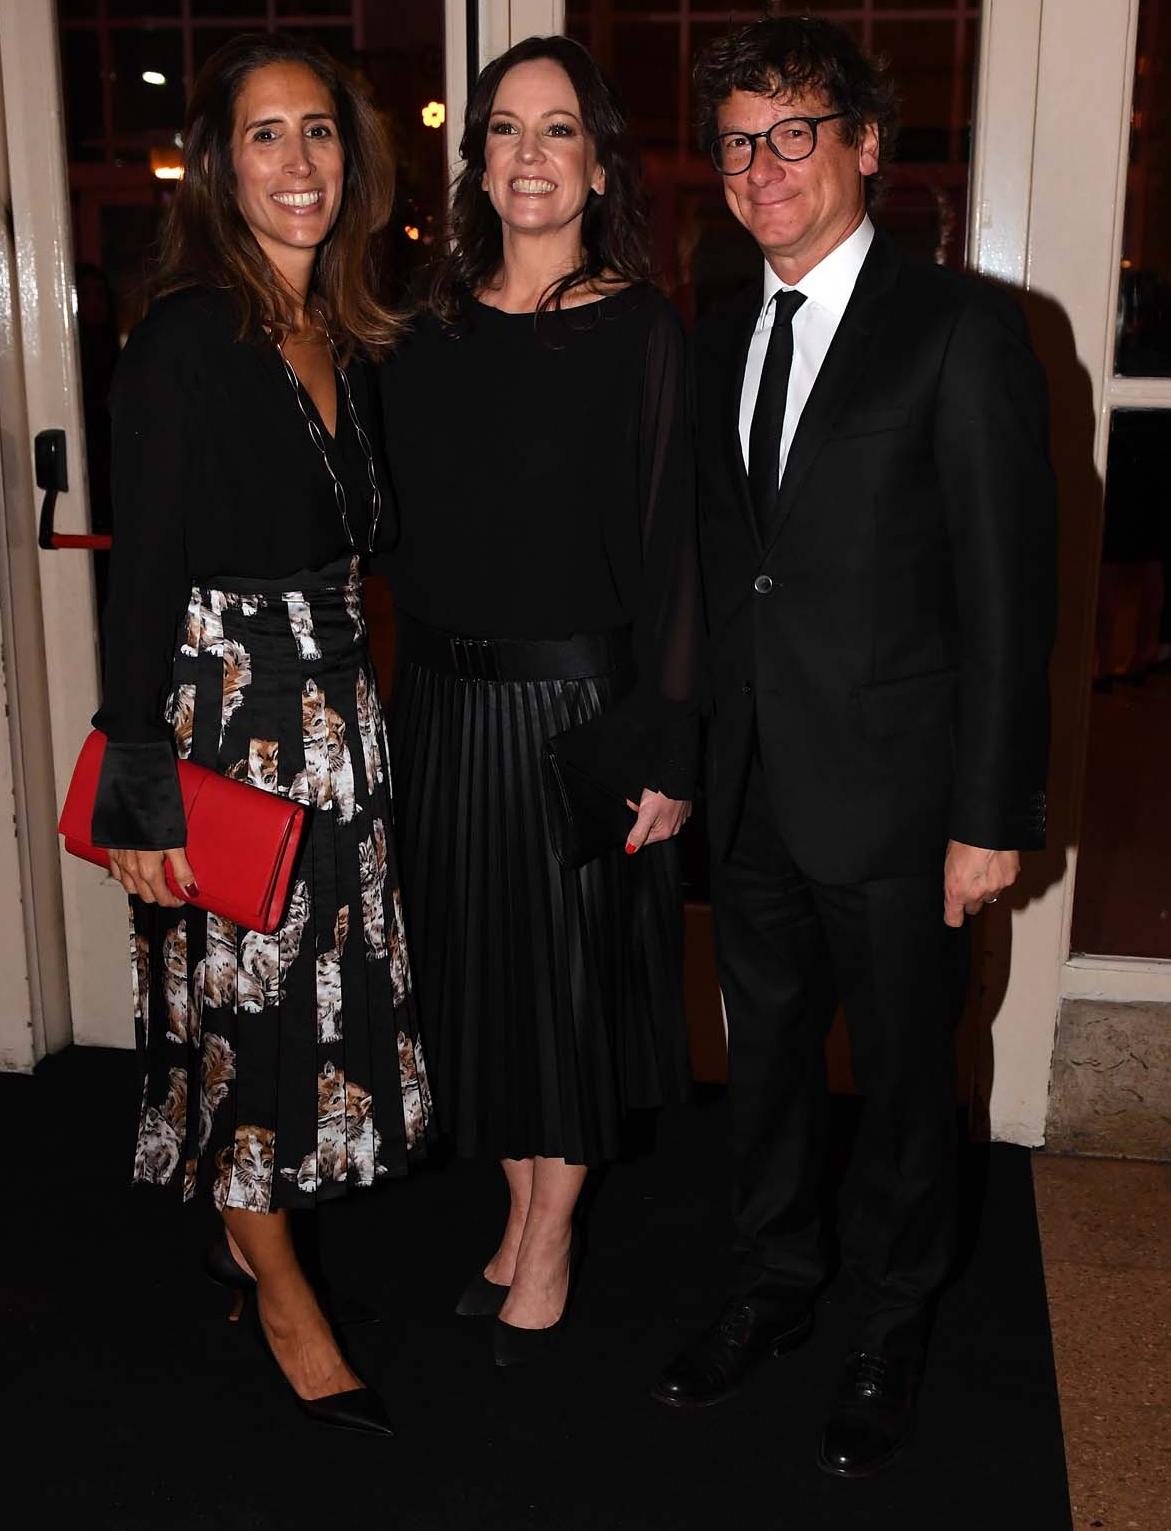 La ministra de Desarrollo Social, Carolina Stanley, junto al presidente de HSBC Argentina, Gabriel Martino, y su mujer Florencia Perotti